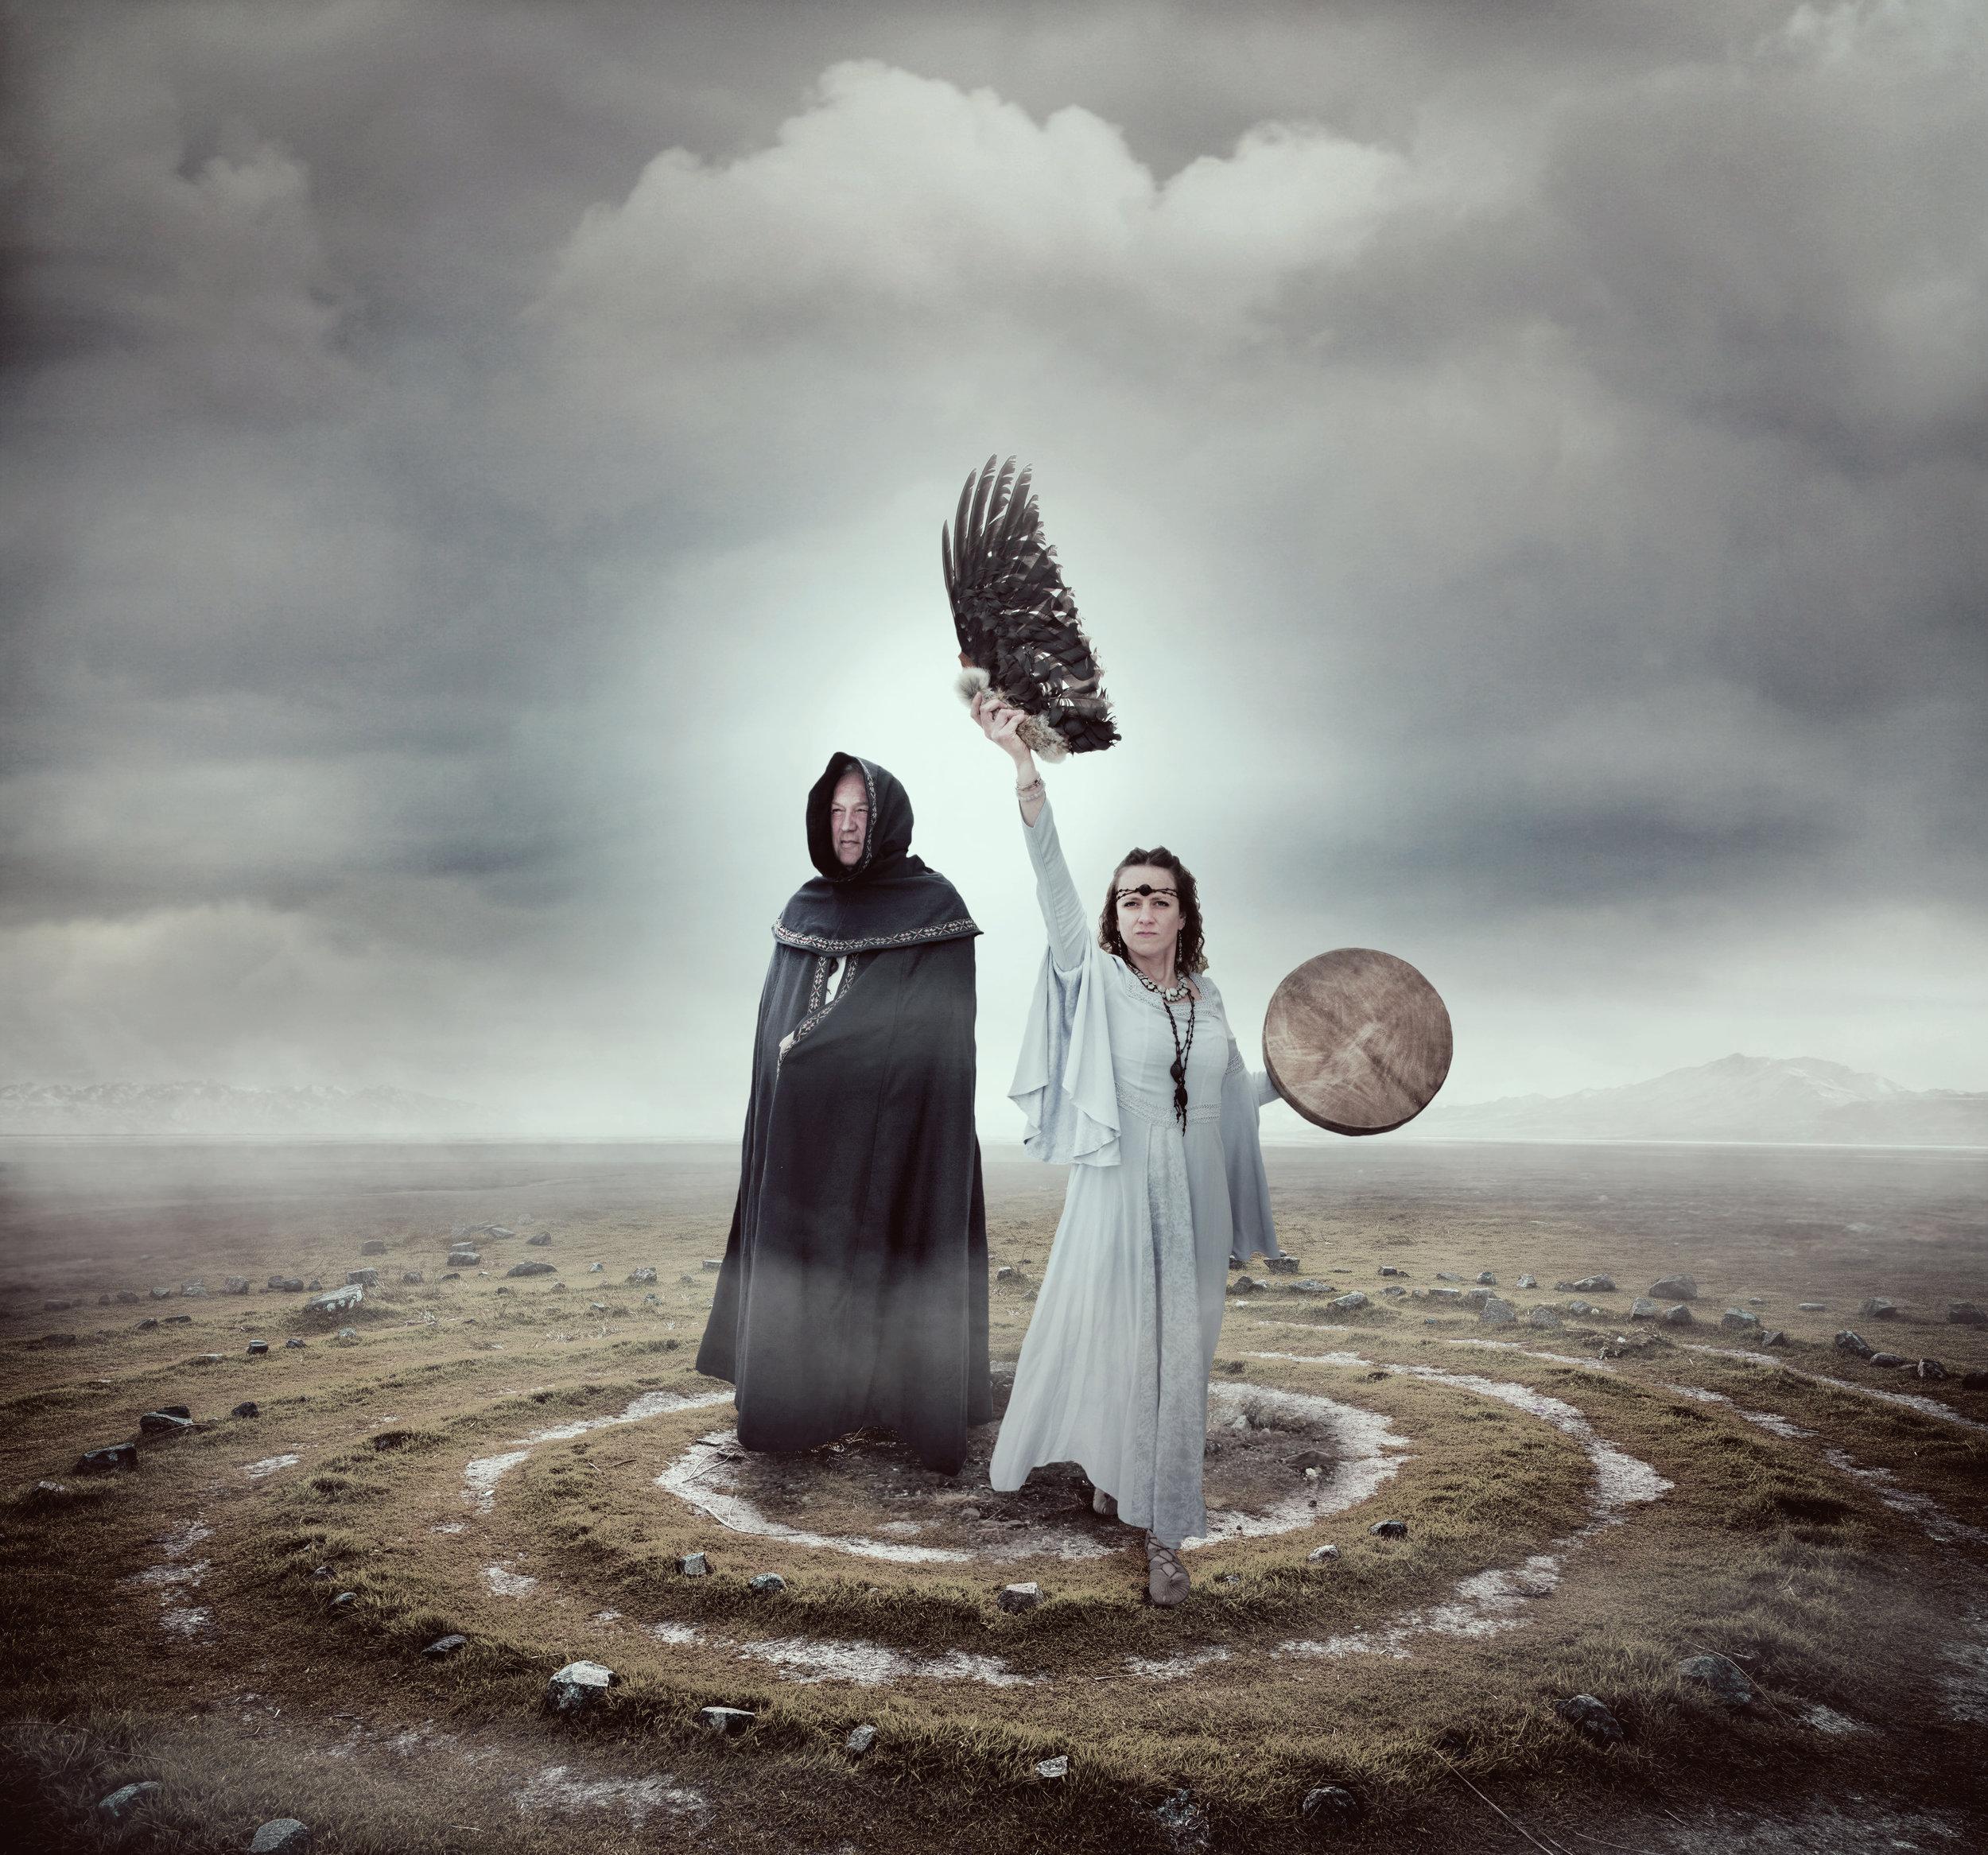 XIX. SEIÐLÆTI - Icelandic artists Unnur Arndísardóttir and Reynir Katrínarson. November 2018